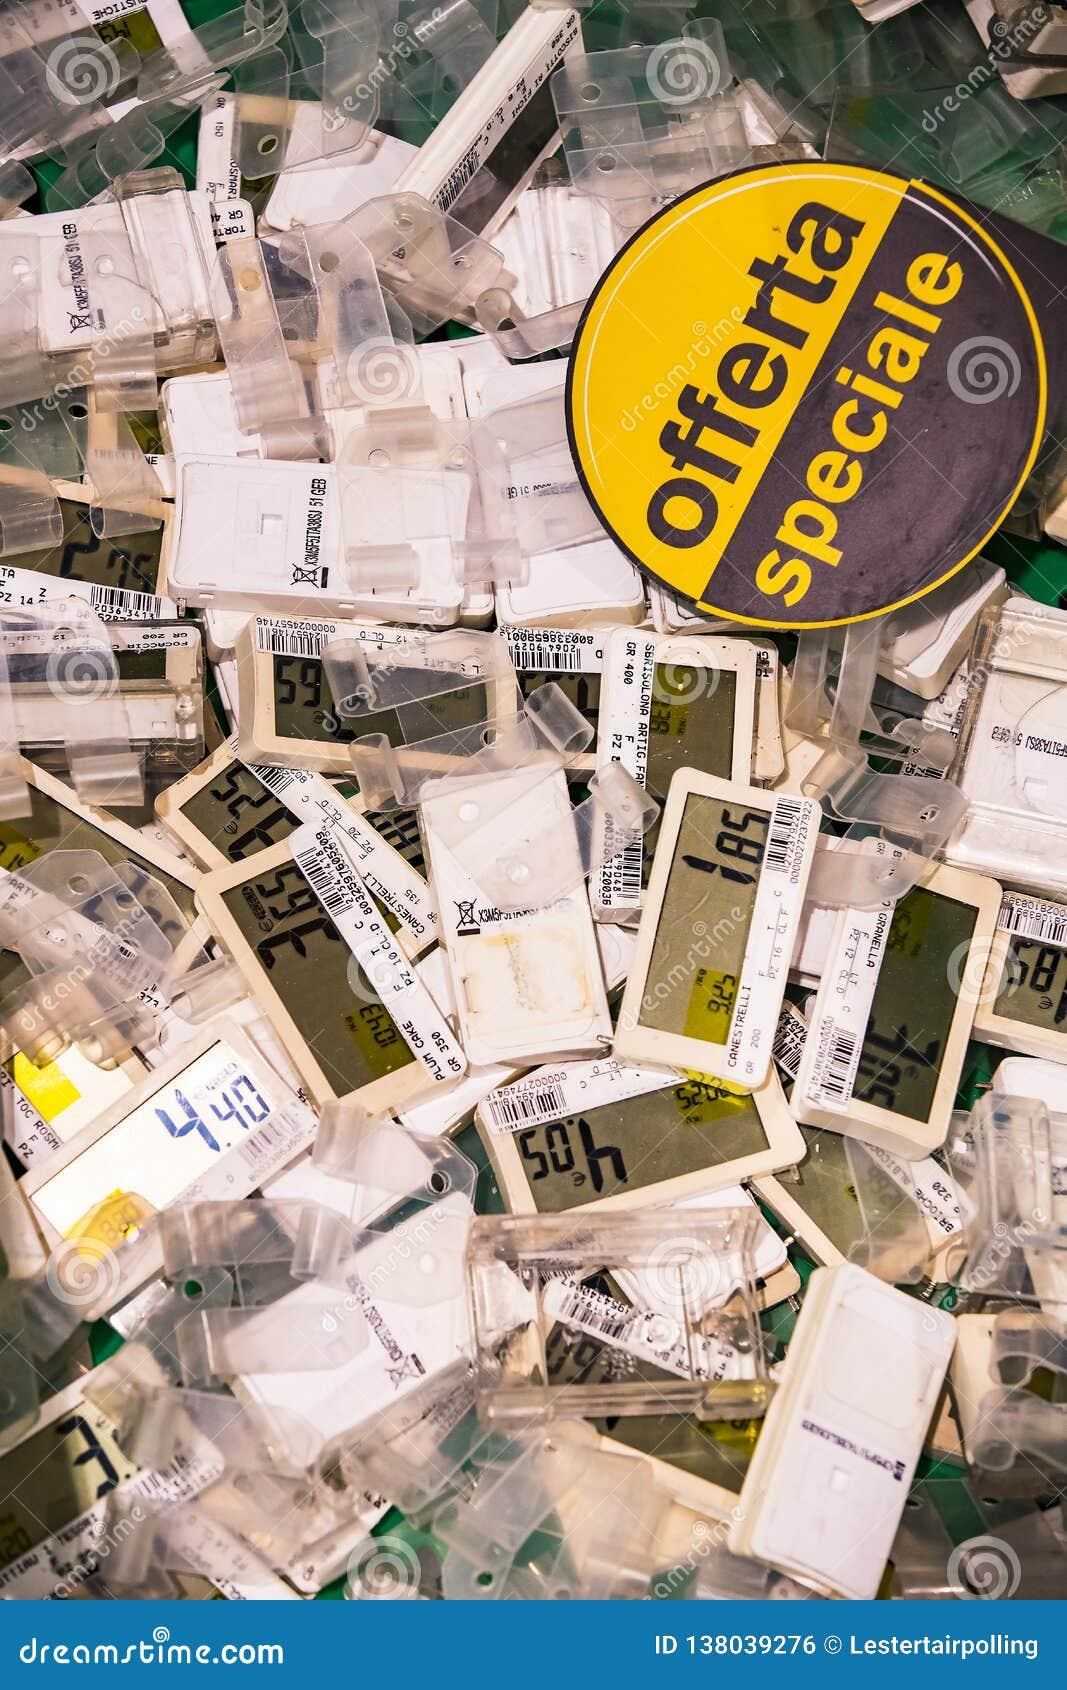 Elektro tarifering voor goederen in de supermarkt Pam